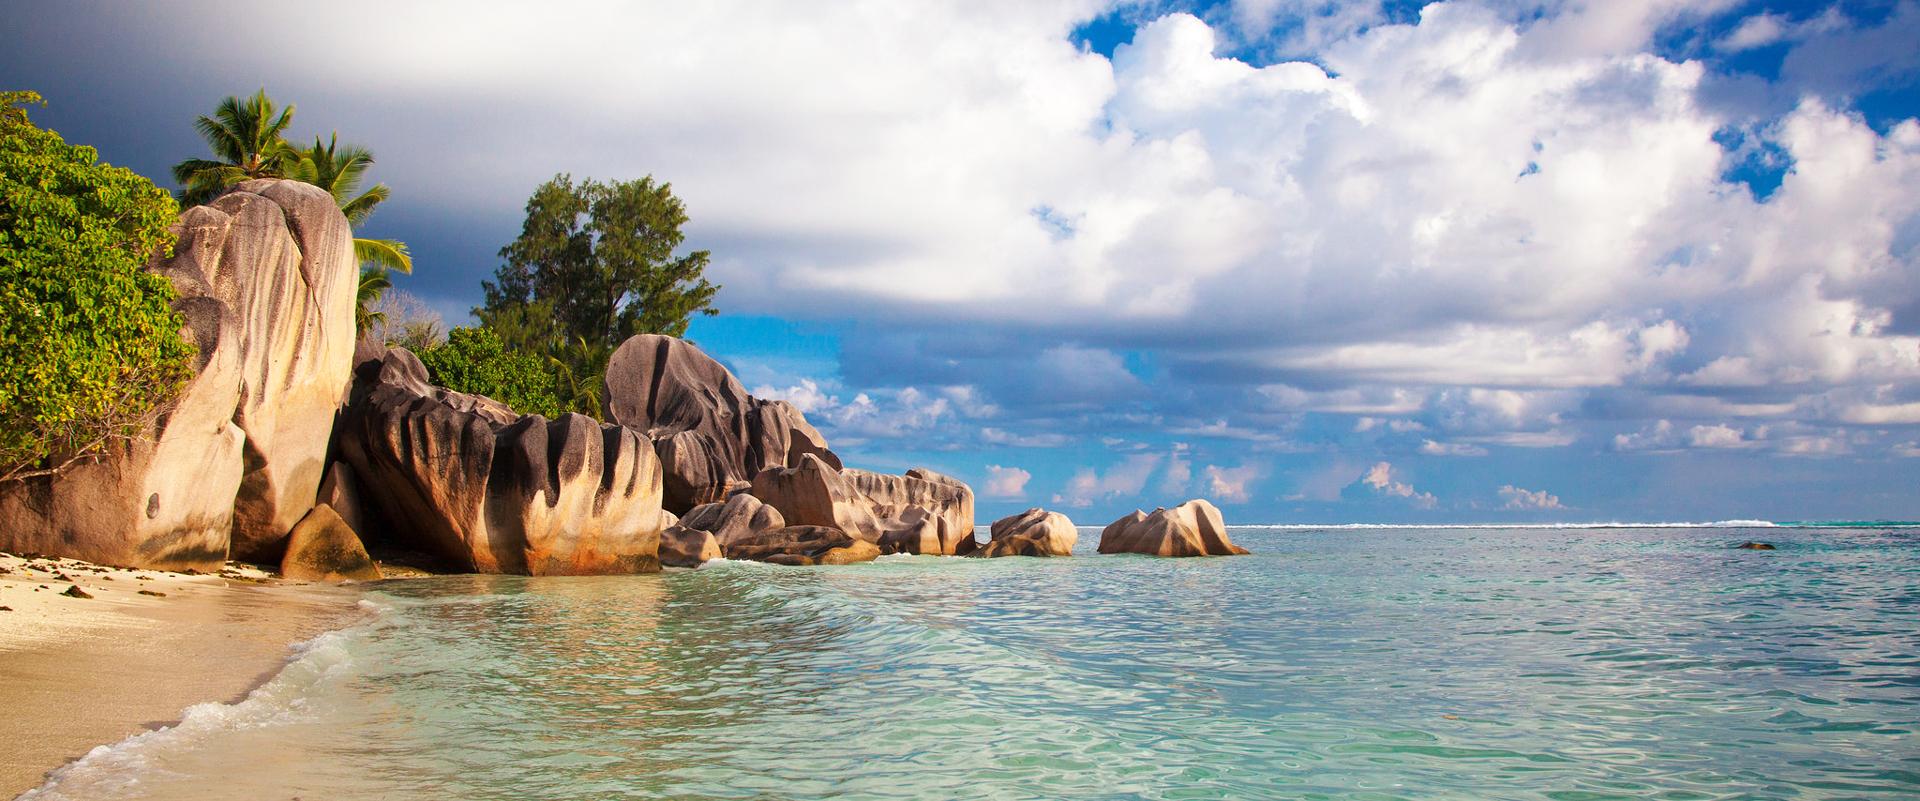 Seychelles La Digue - Anse Source d'Argent